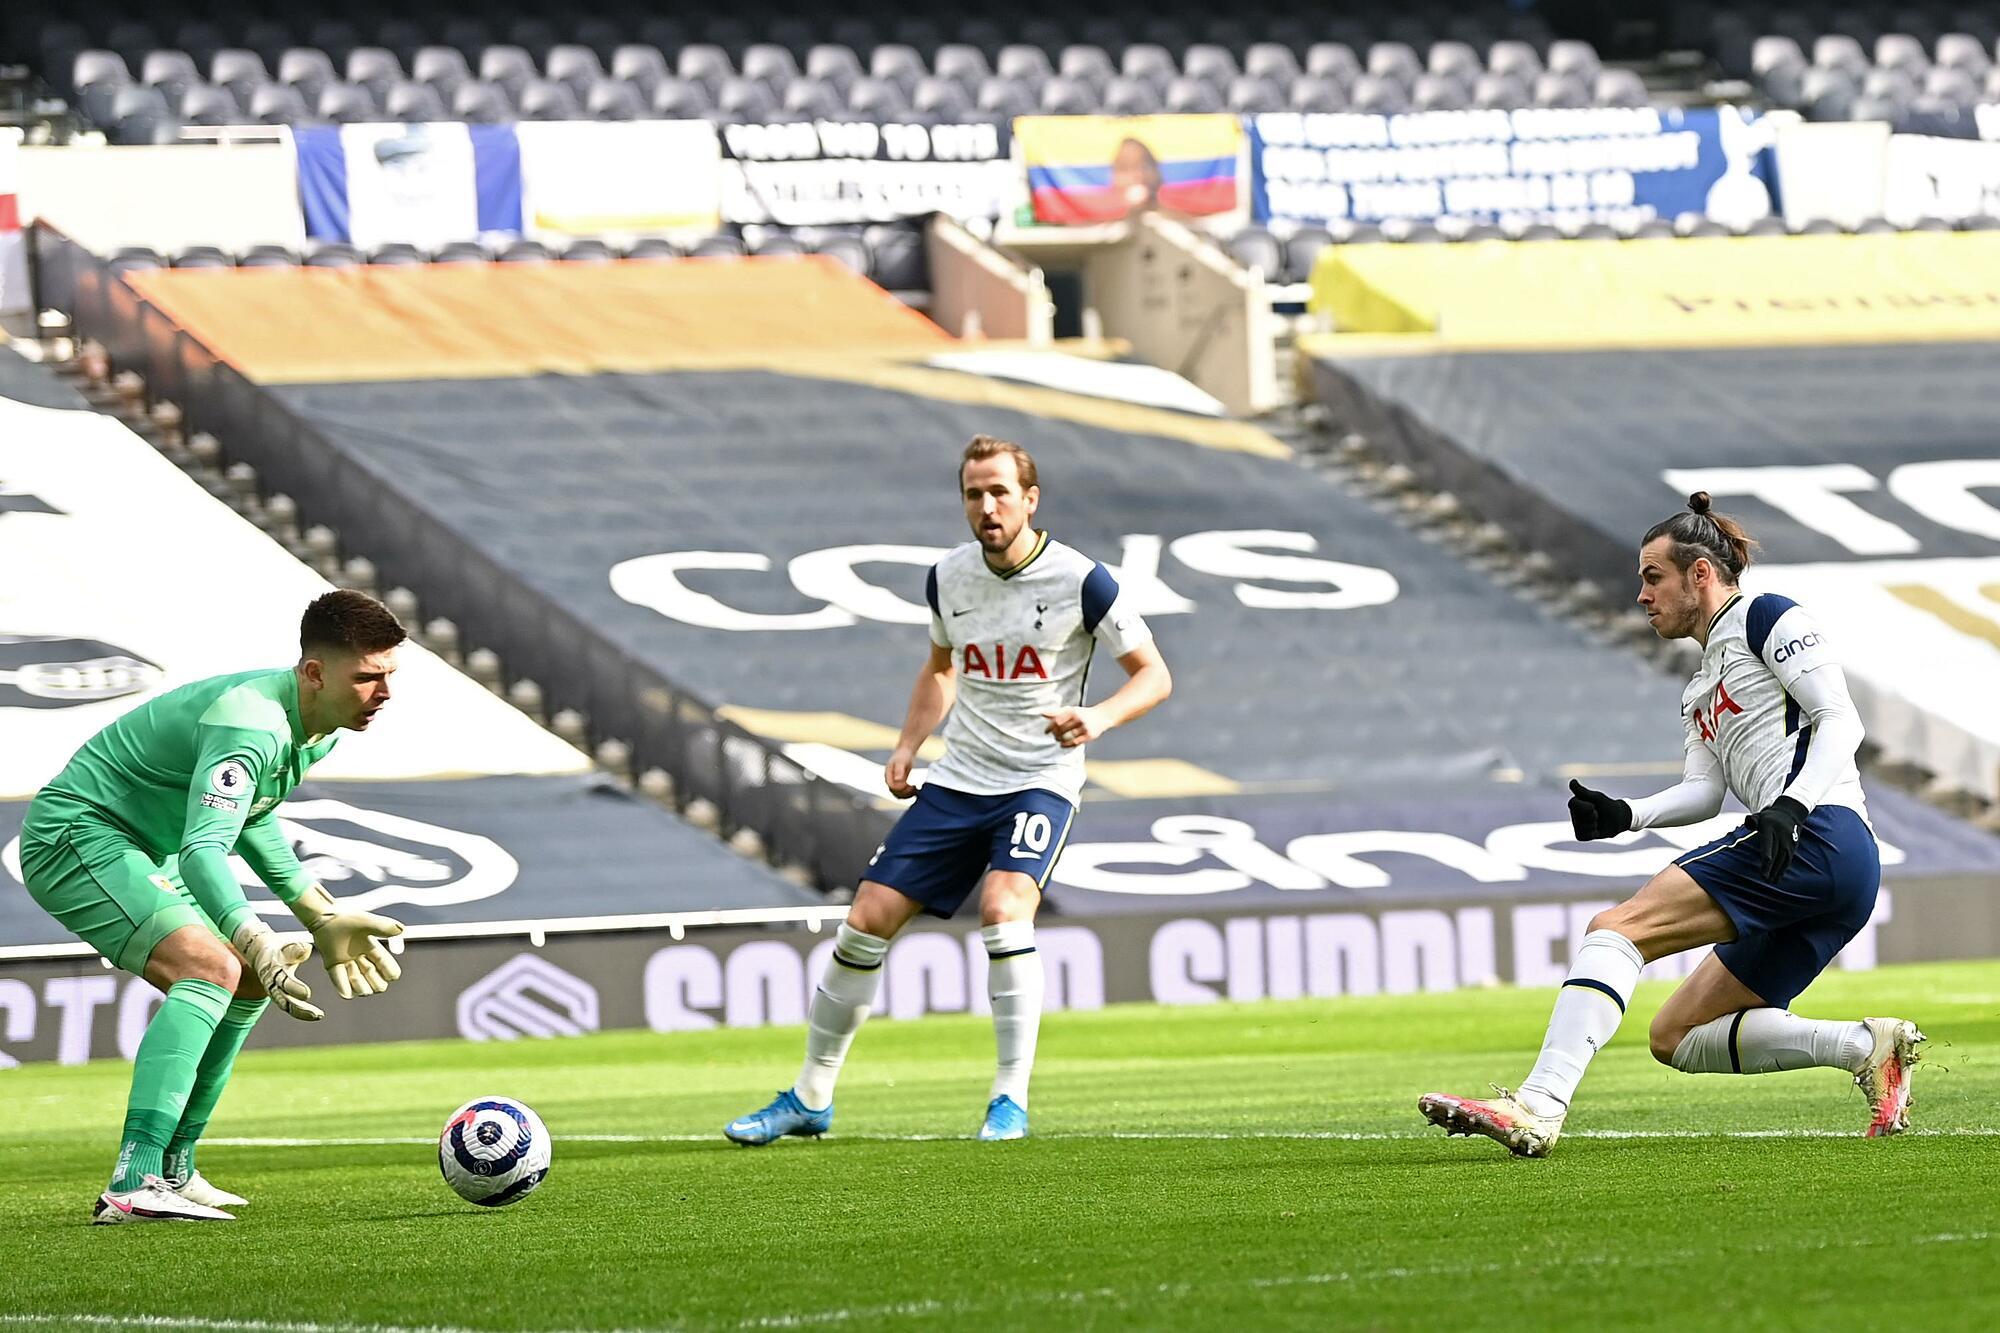 Bale dalam situasi pembukaan pertandingan.  Foto: Twitter / Liga Inggris